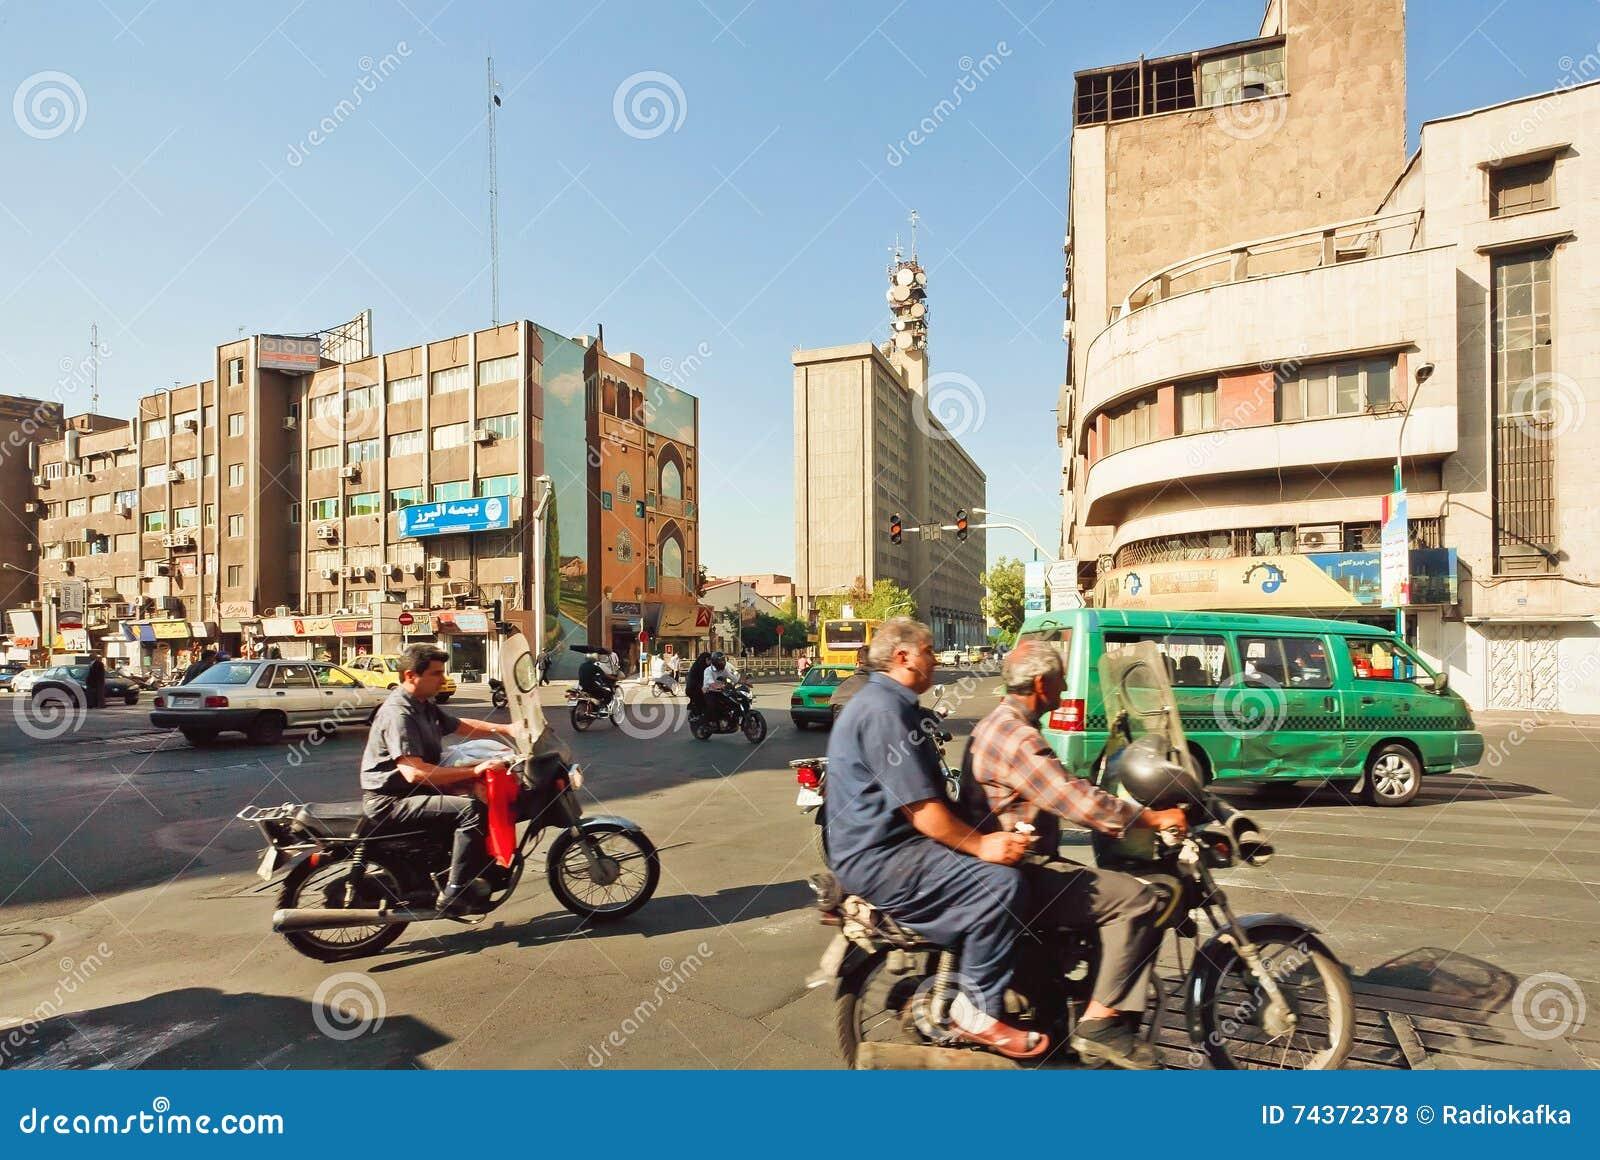 Stadstrafik med många cyklar på den upptagna gatan av iransk huvudstad Teheran